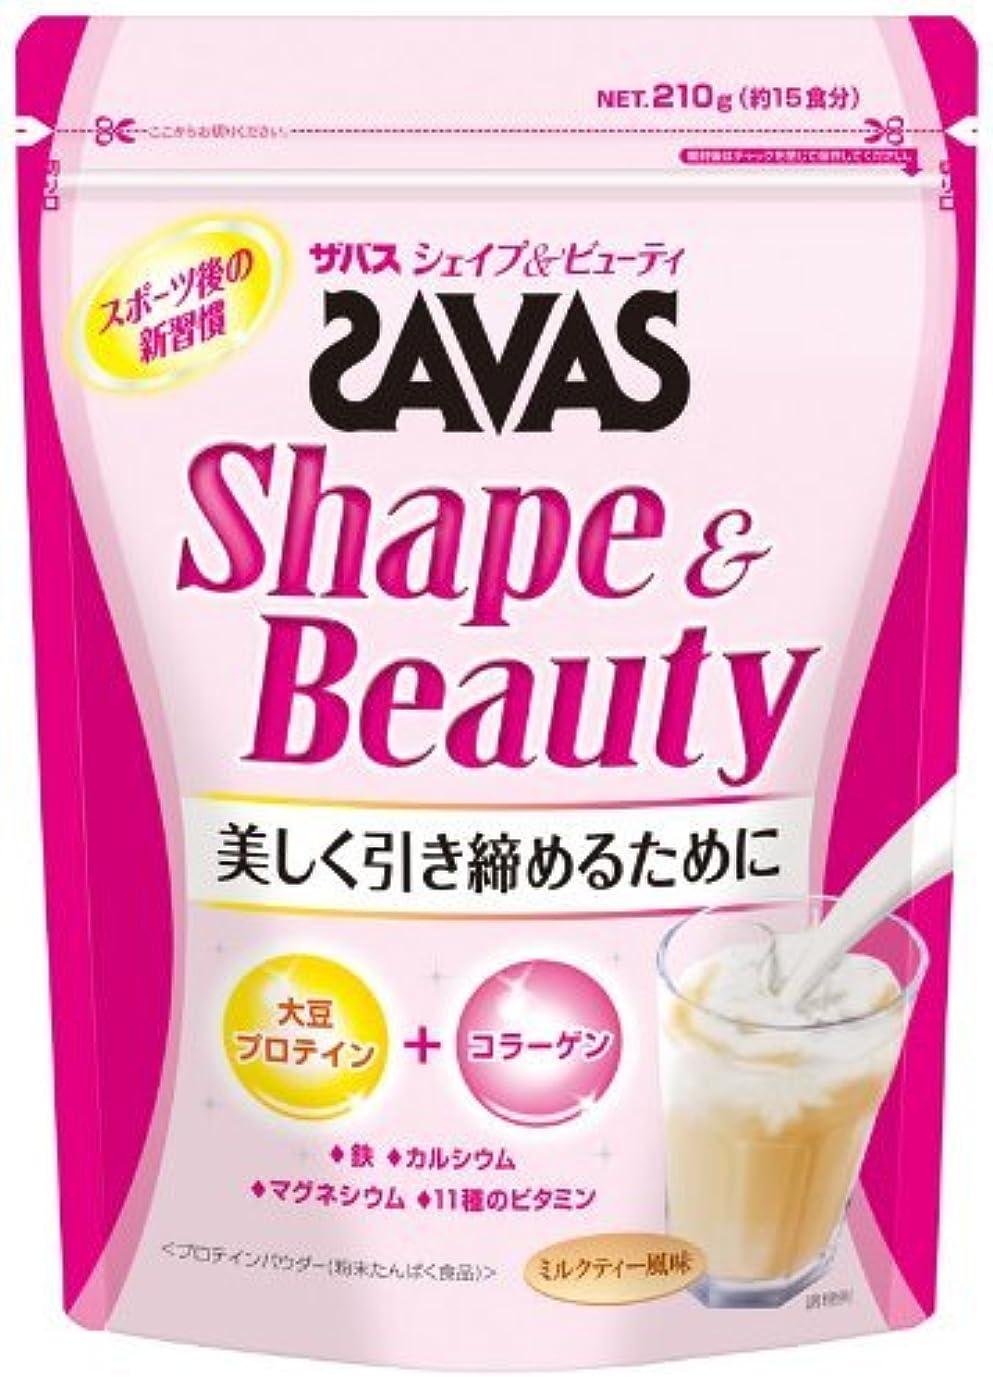 着替える隔離する最適明治 ザバス シェイプ&ビューティ ミルクティー風味【15食分】 210g